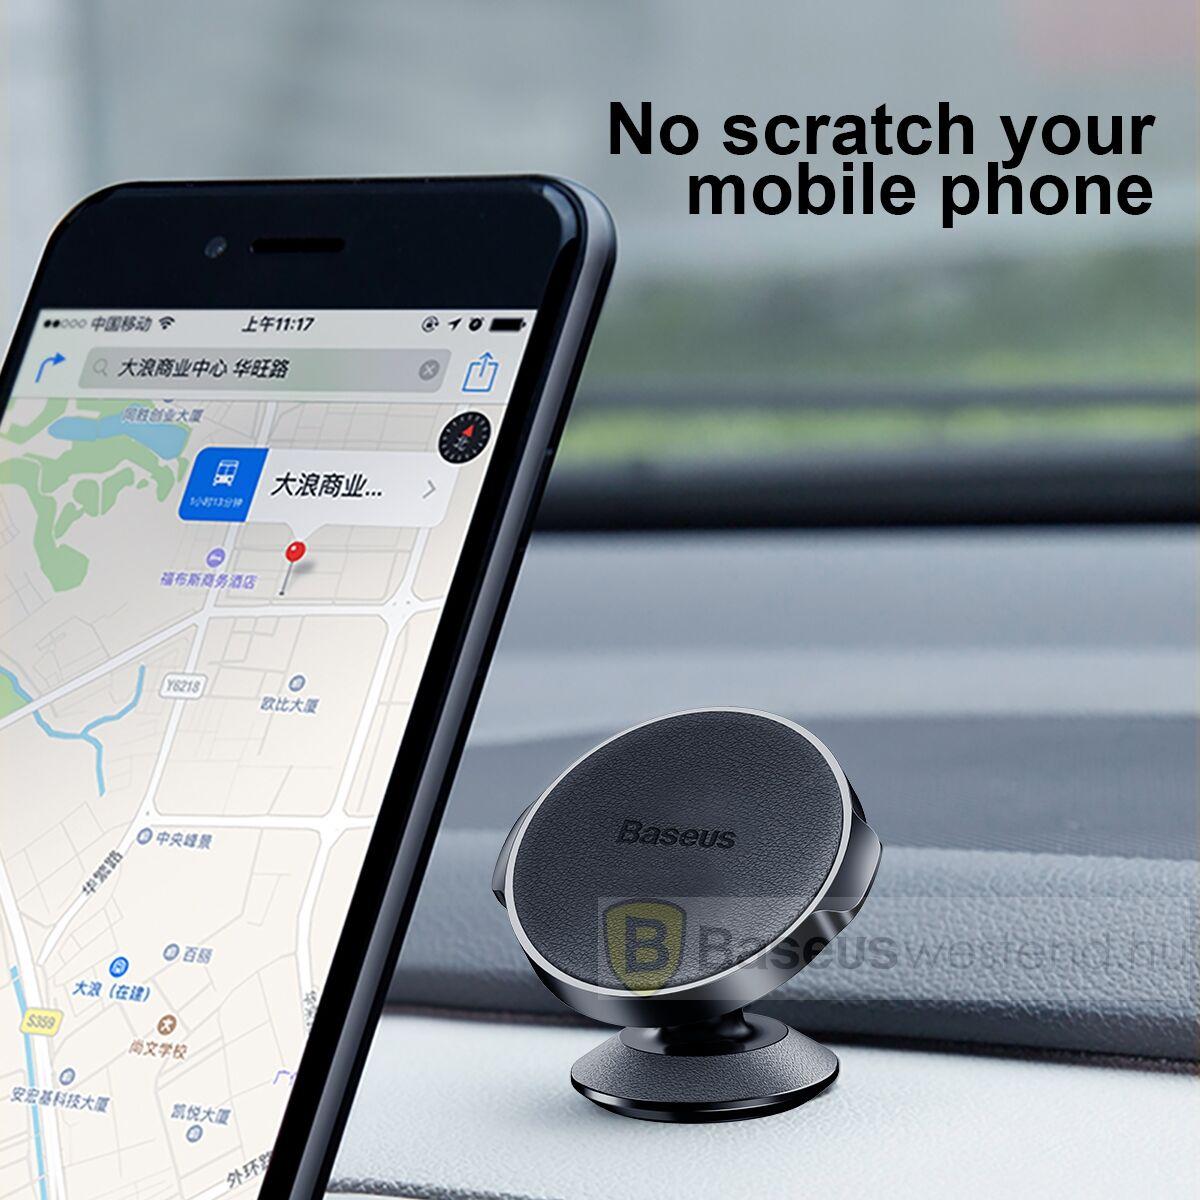 Baseus autós telefon tartó, Small Ears series mágneses, műszerfalra, ezüst (SUER-B0S)